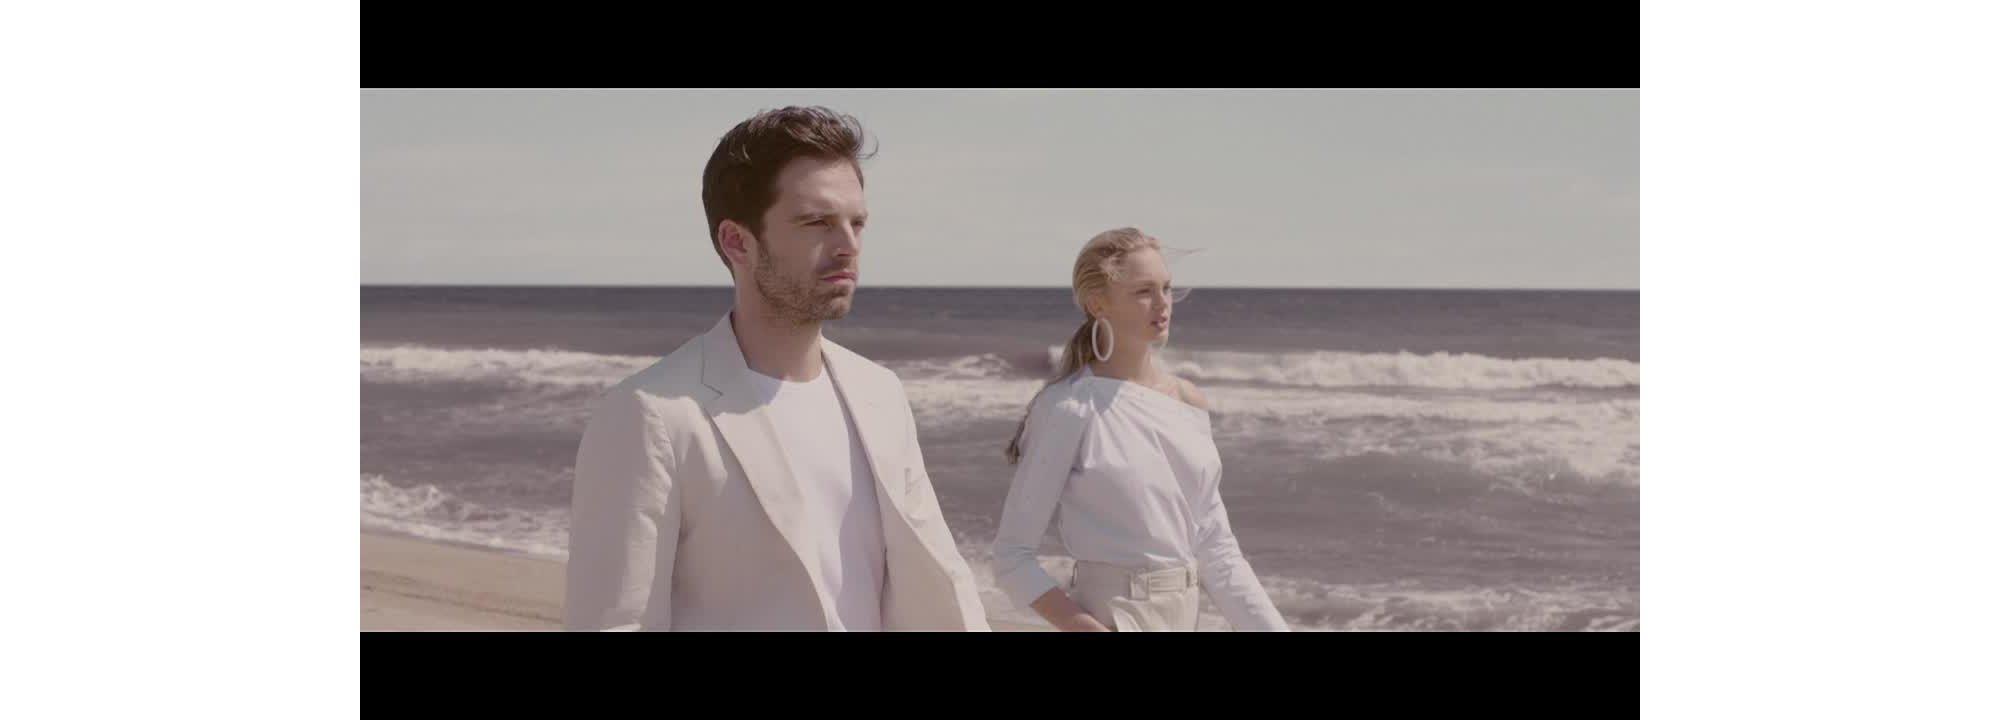 婚礼进行时<br/><br/>无论你是宾客或是新郎,探索BOSS 2018 春夏男装新品系列,于婚礼当日呈现几近完美的穿搭型格